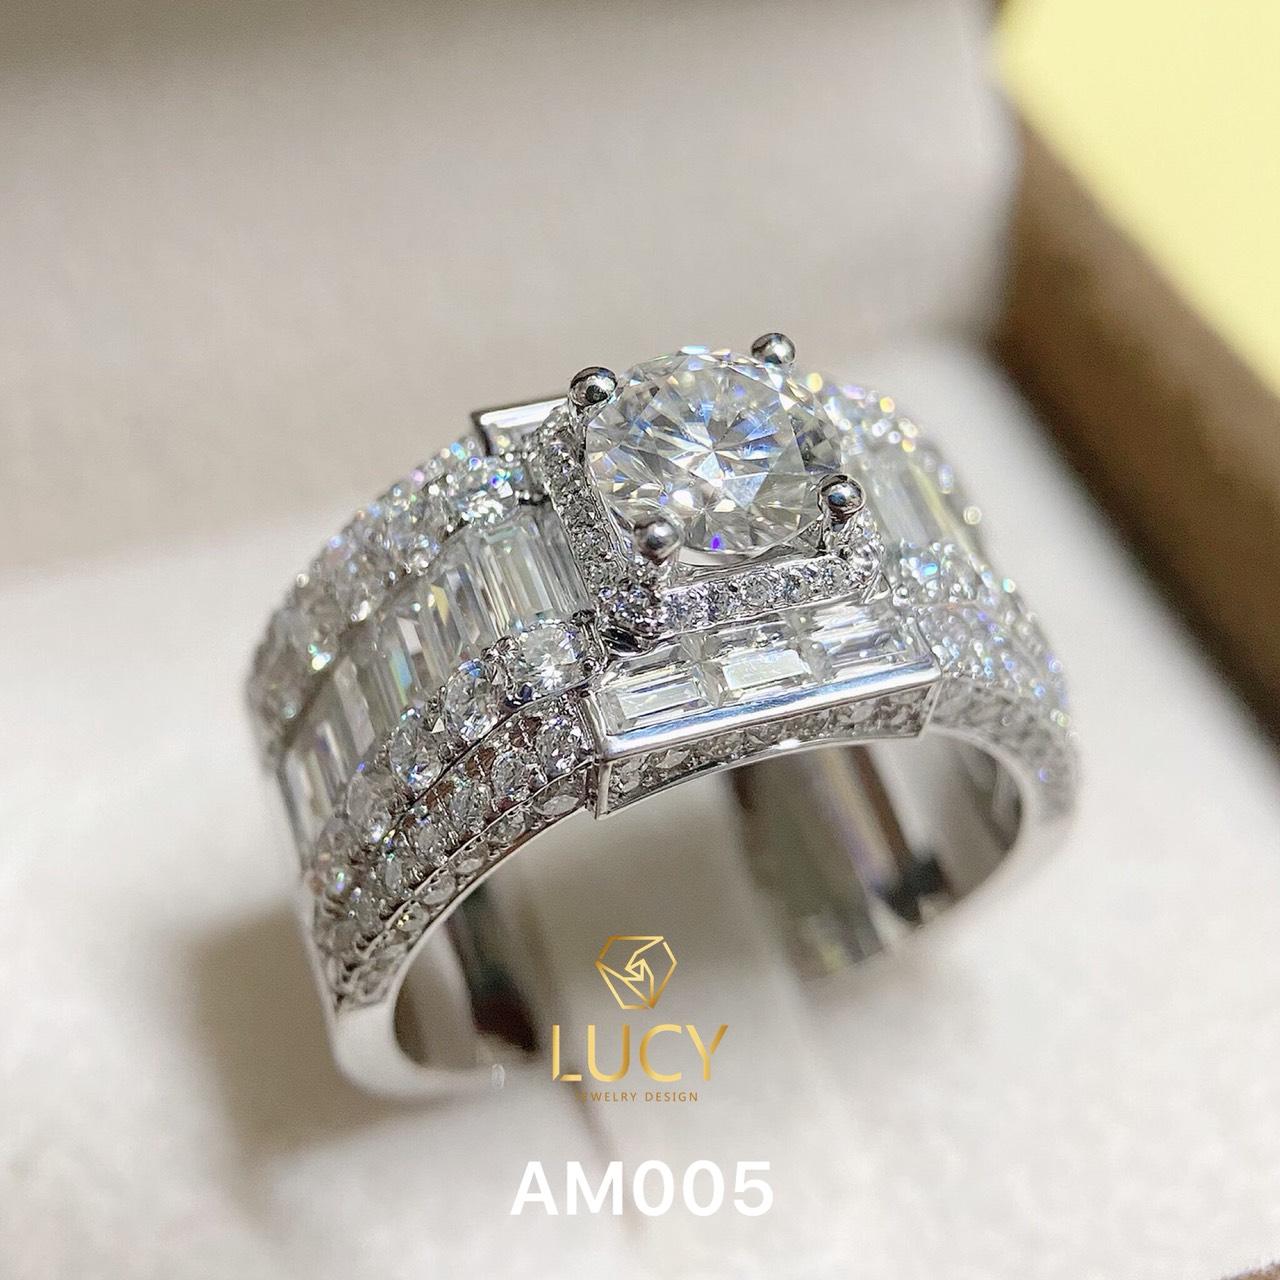 AM005 Nhẫn vàng nam đá chủ 7.2mm - Lucy Jewelry